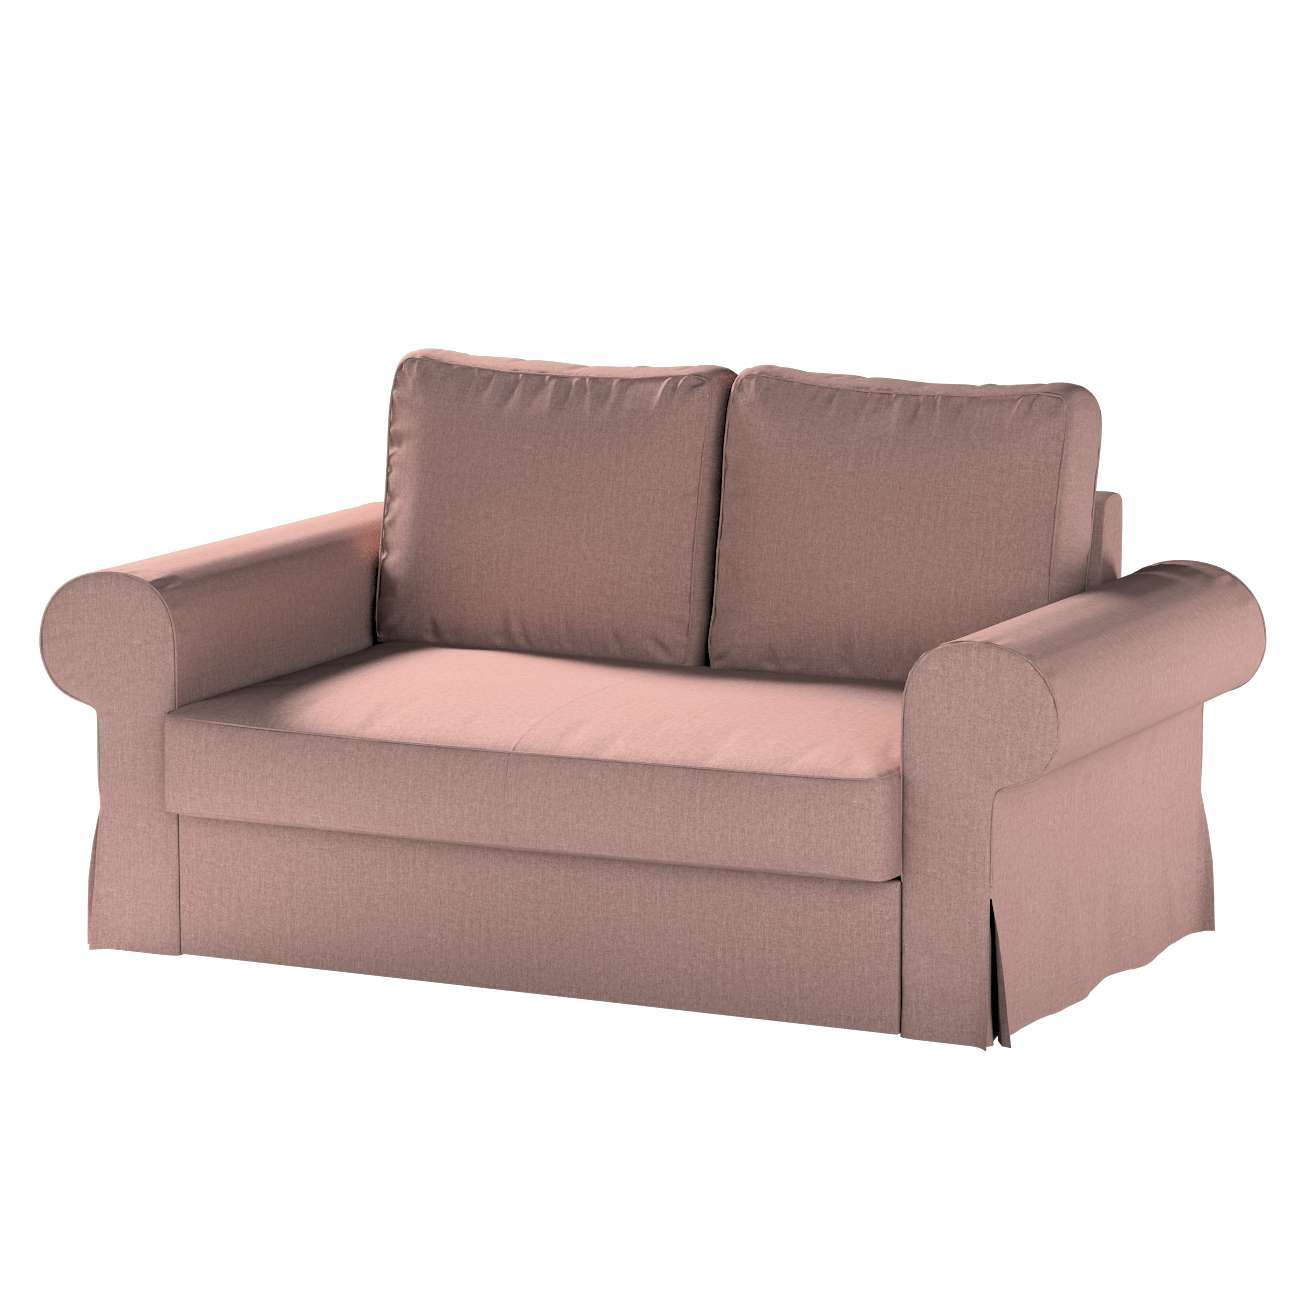 Pokrowiec na sofę Backabro 2-osobową rozkładaną w kolekcji City, tkanina: 704-83